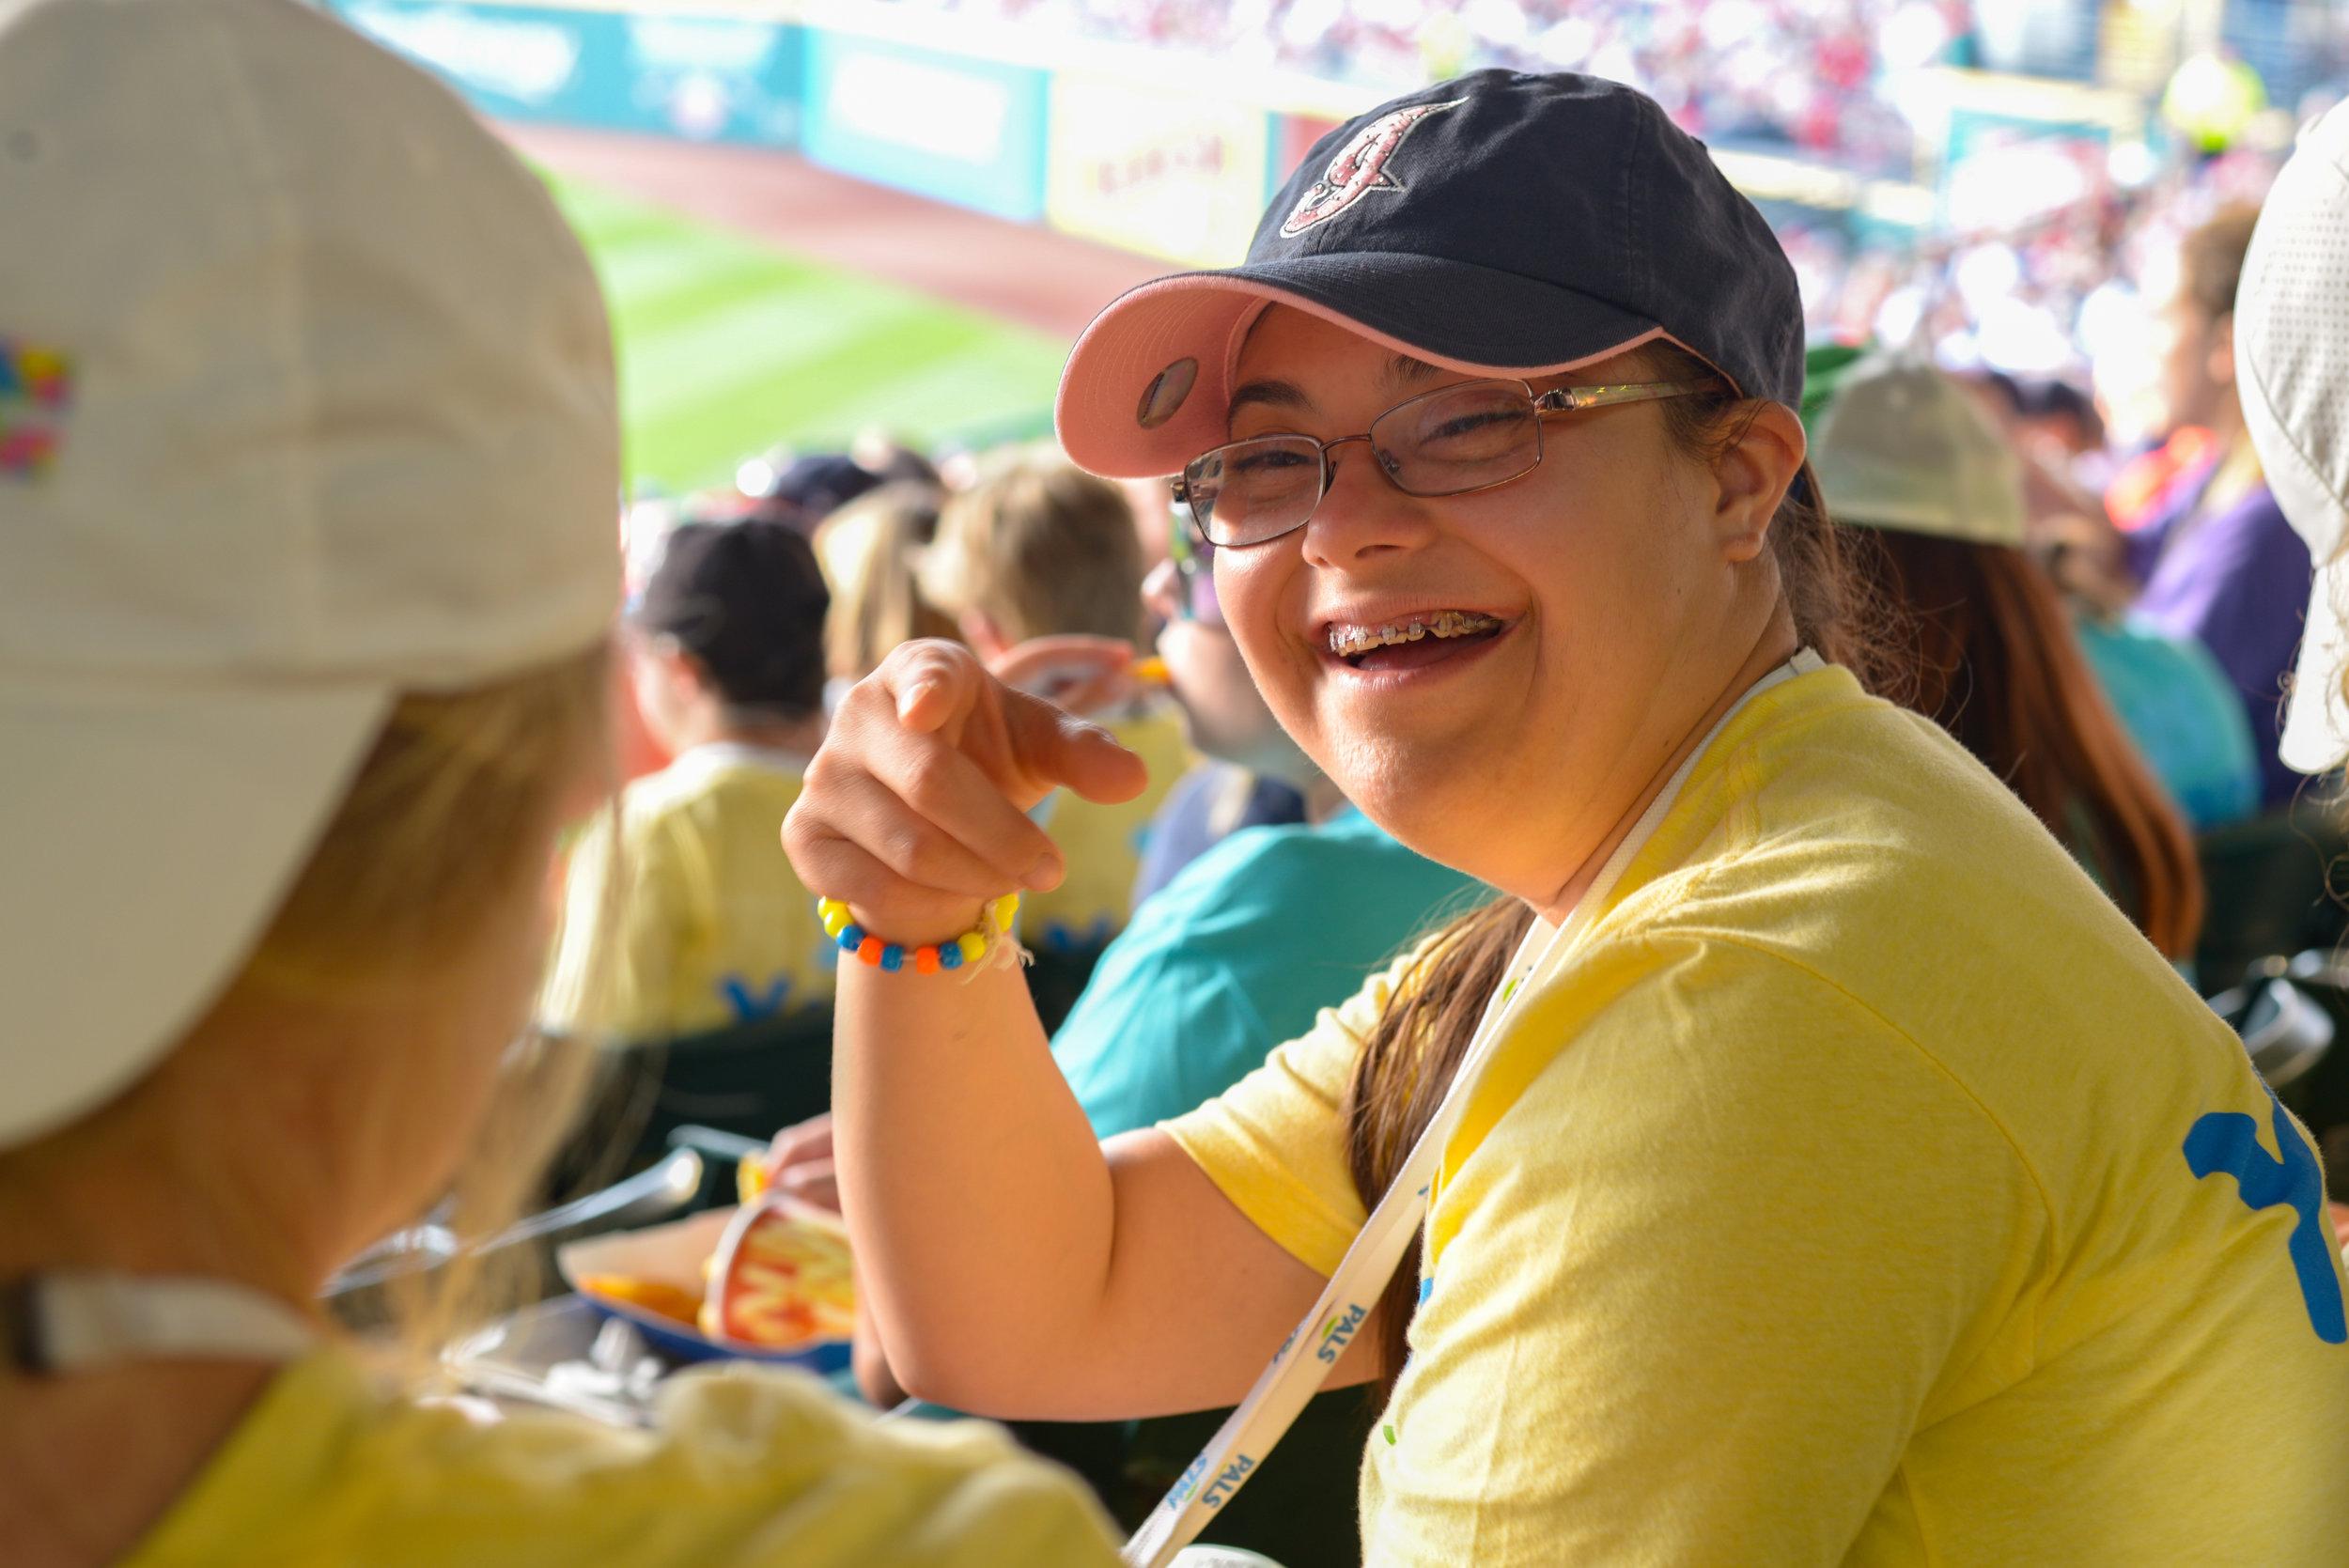 Female Camper Baseball (TOP PIC).jpg